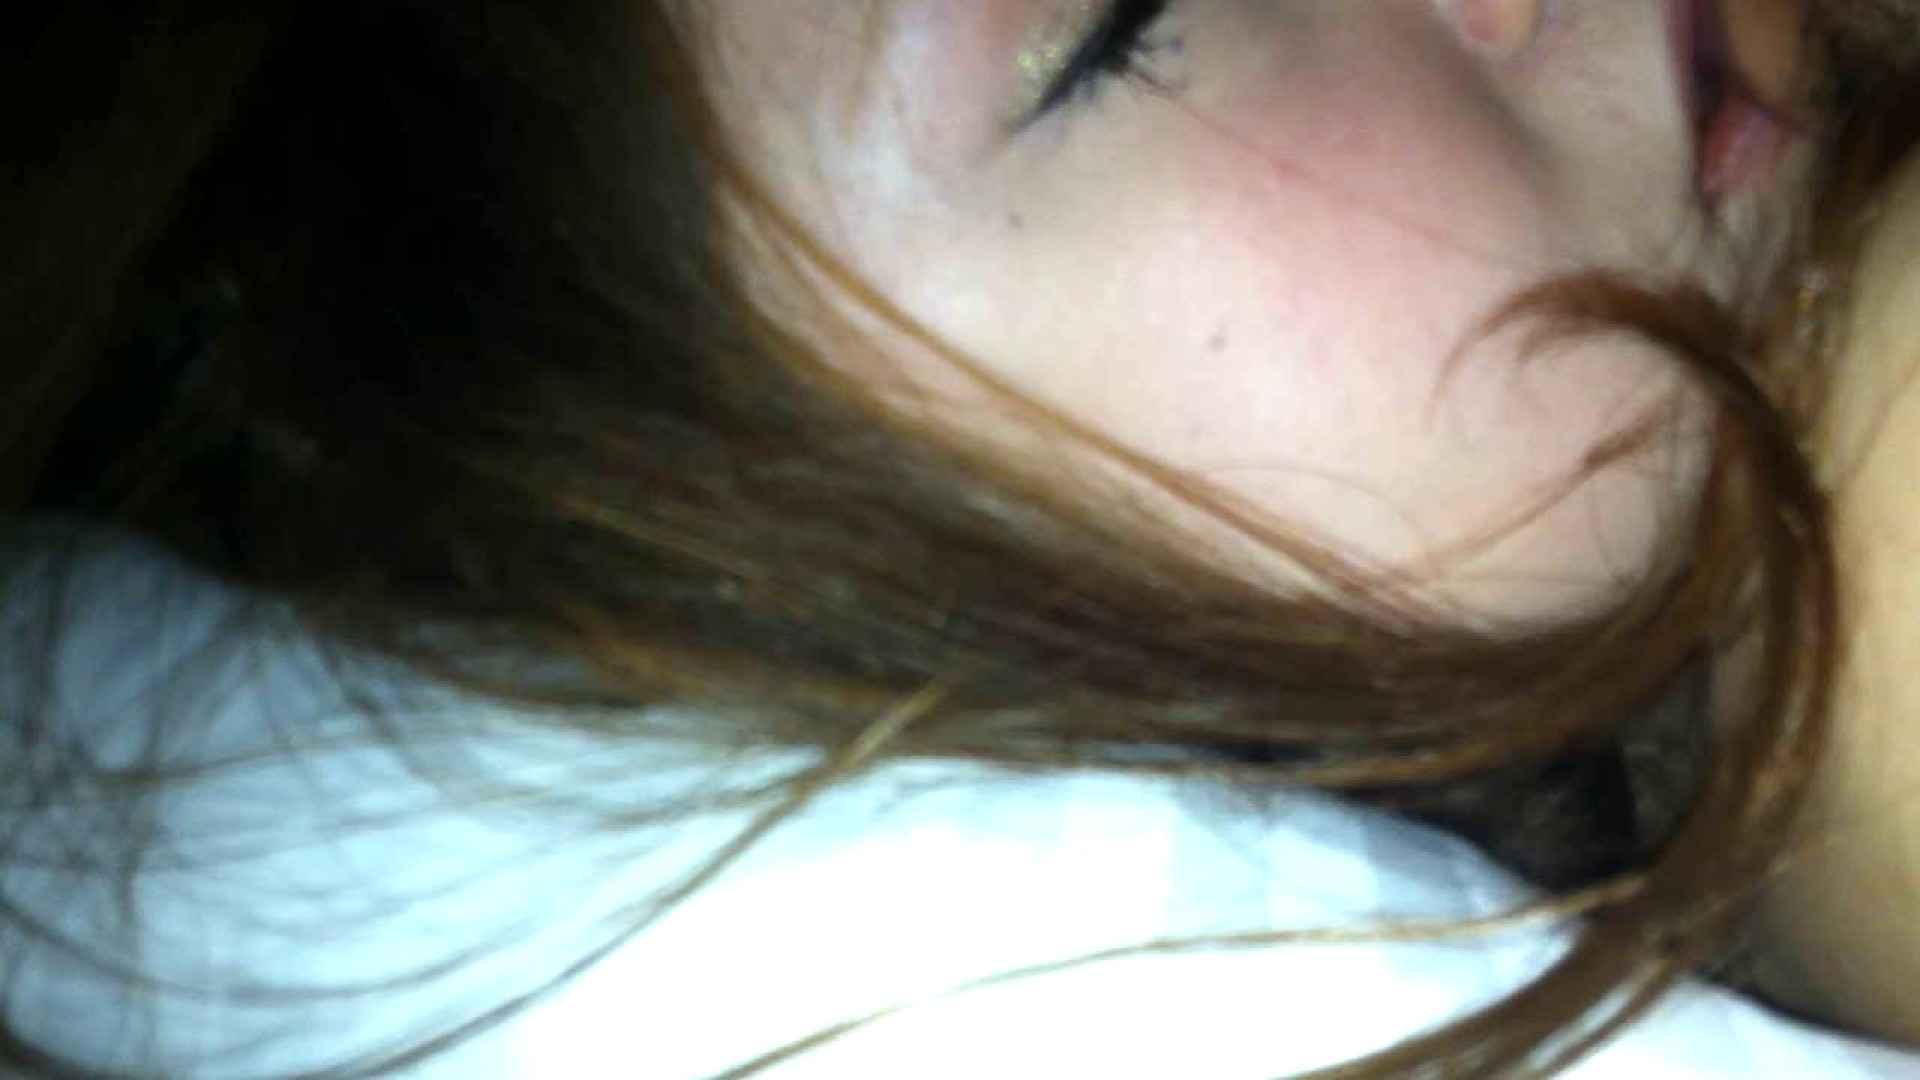 魔術師の お・も・て・な・し vol.11 19歳女子大生にホテルでイタズラ 前編 OLセックス 覗きぱこり動画紹介 103画像 74